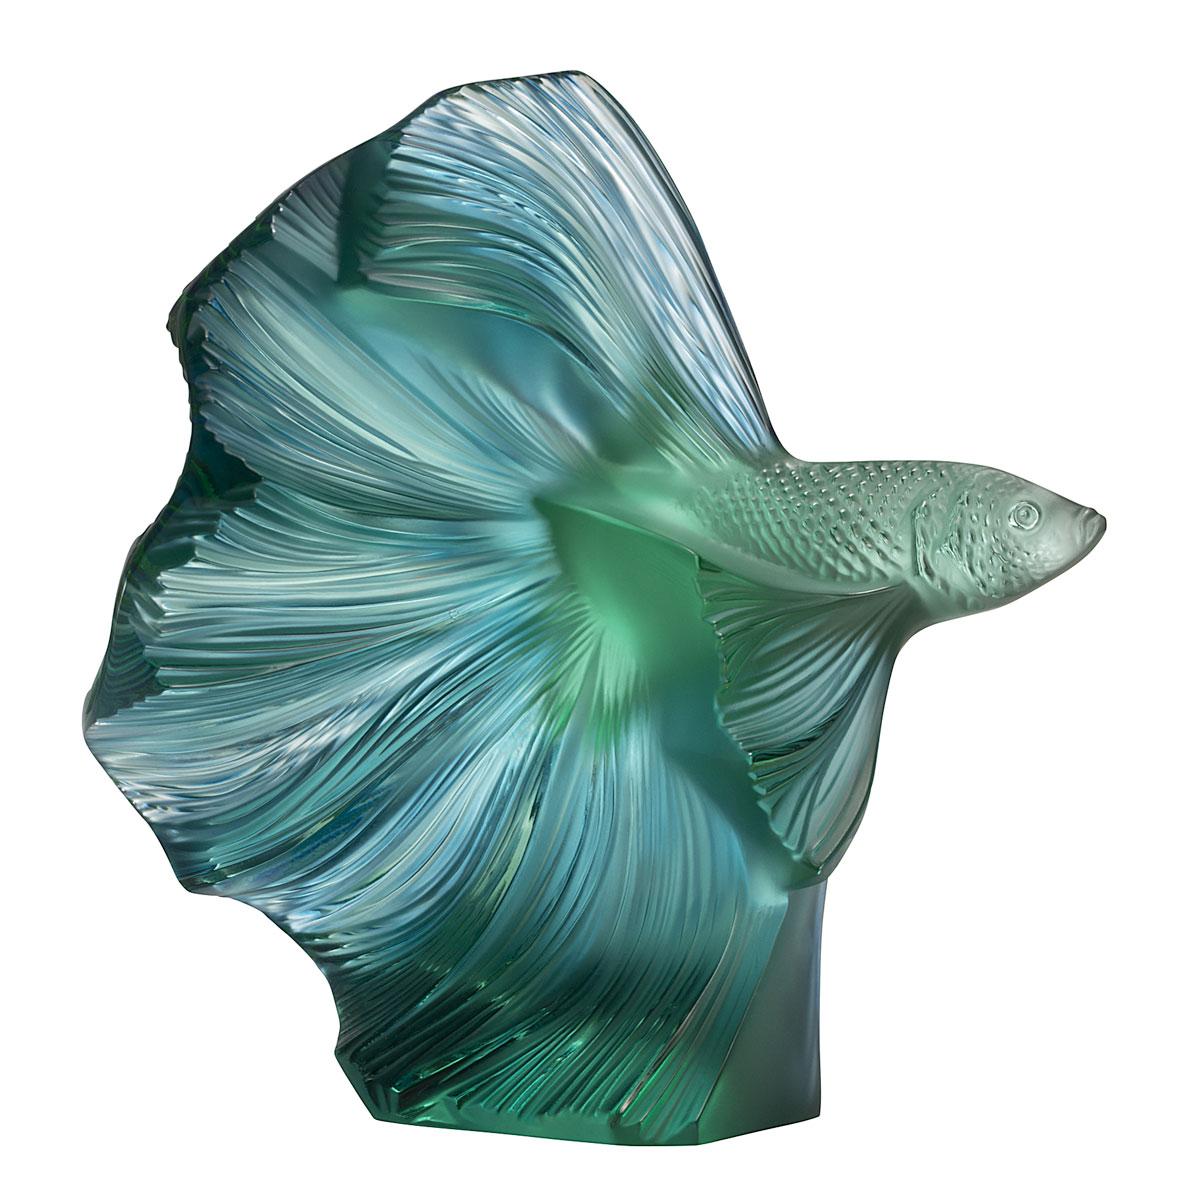 Lalique Fighting Fish Sculpture Aquatique, Mint Green and Blue Patinated